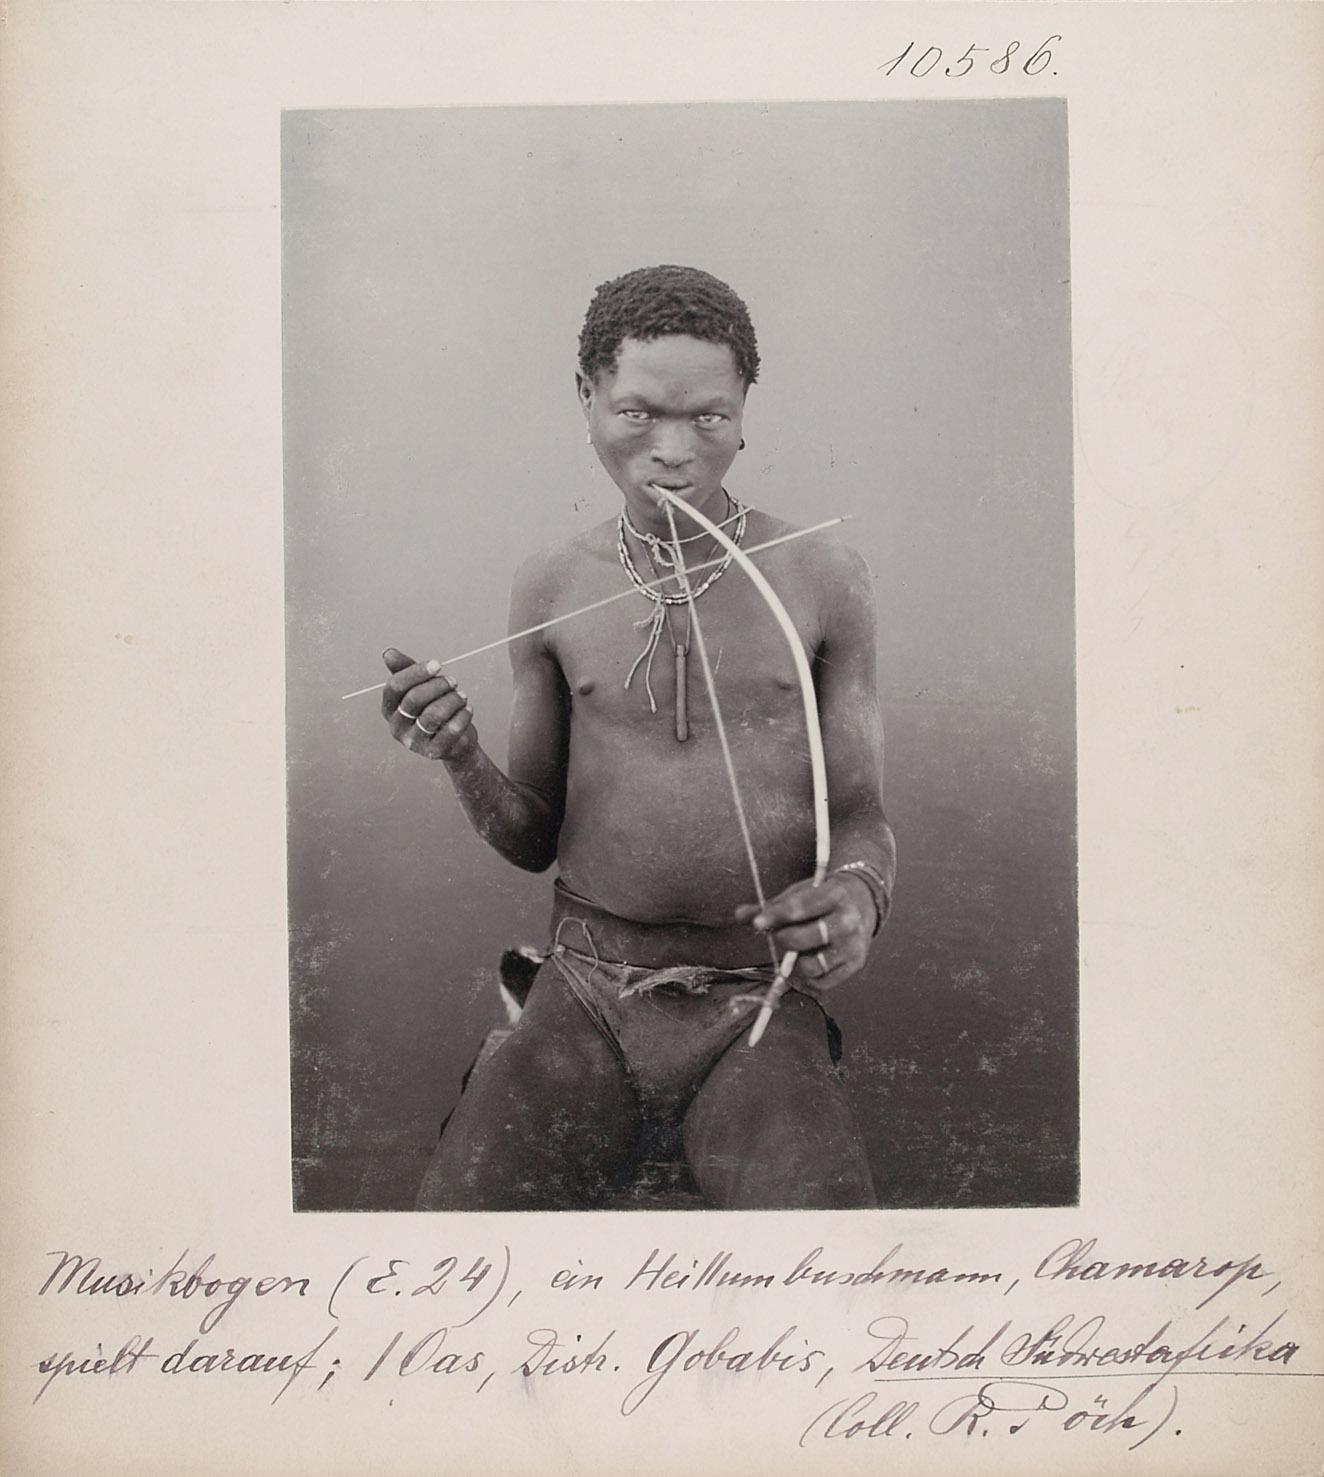 Musikbogen (E.24), ein Hei II San, Chamarop, spielt darauf; I Oas, Distr. Gobabis, Deutsch-Südwestafrika